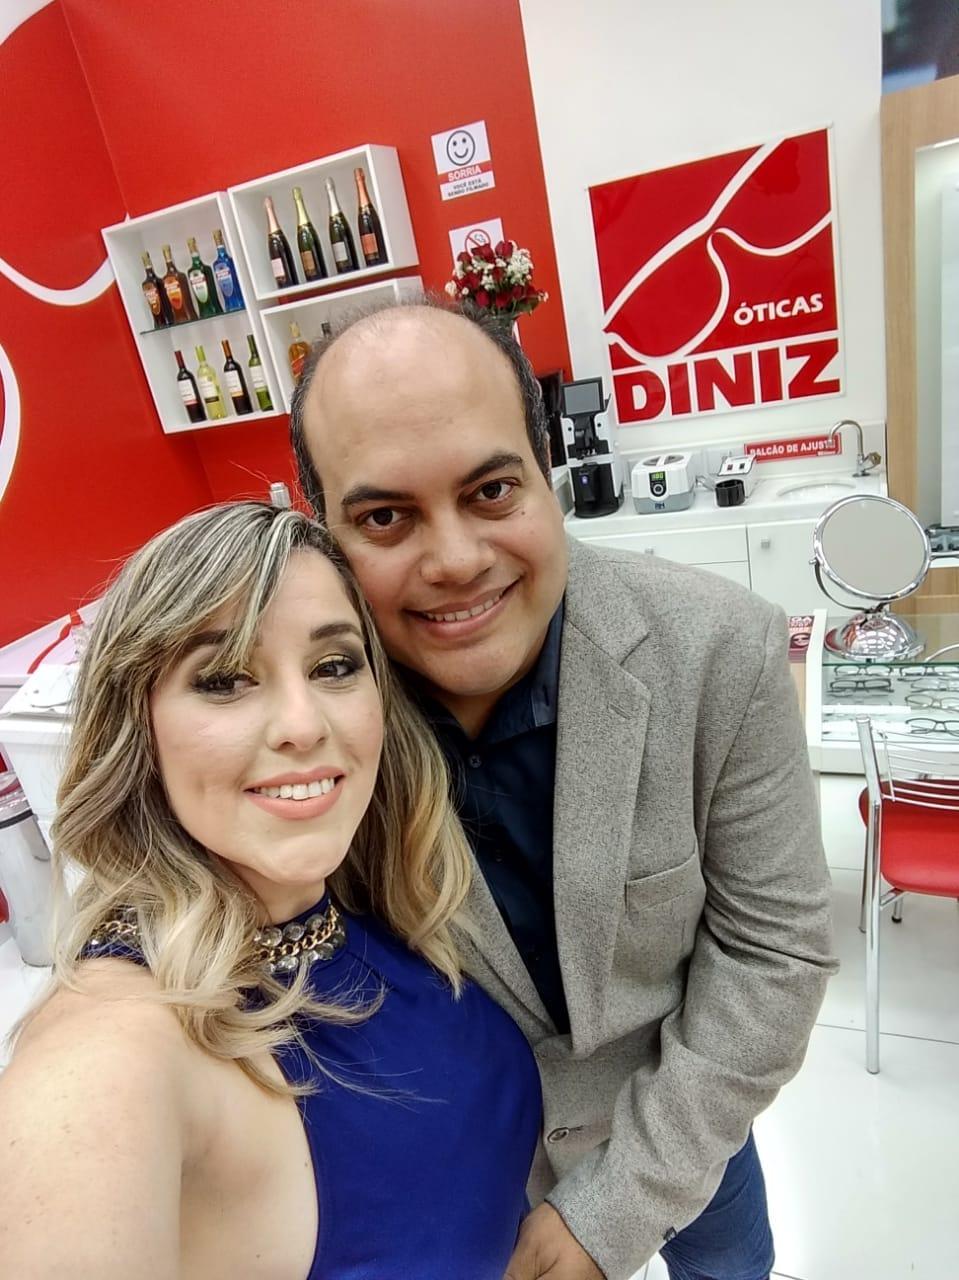 Divaneide Mendonça e Evaldo Silva de Almeida são diretores franqueados das Óticas  Diniz fc1eee3b9e